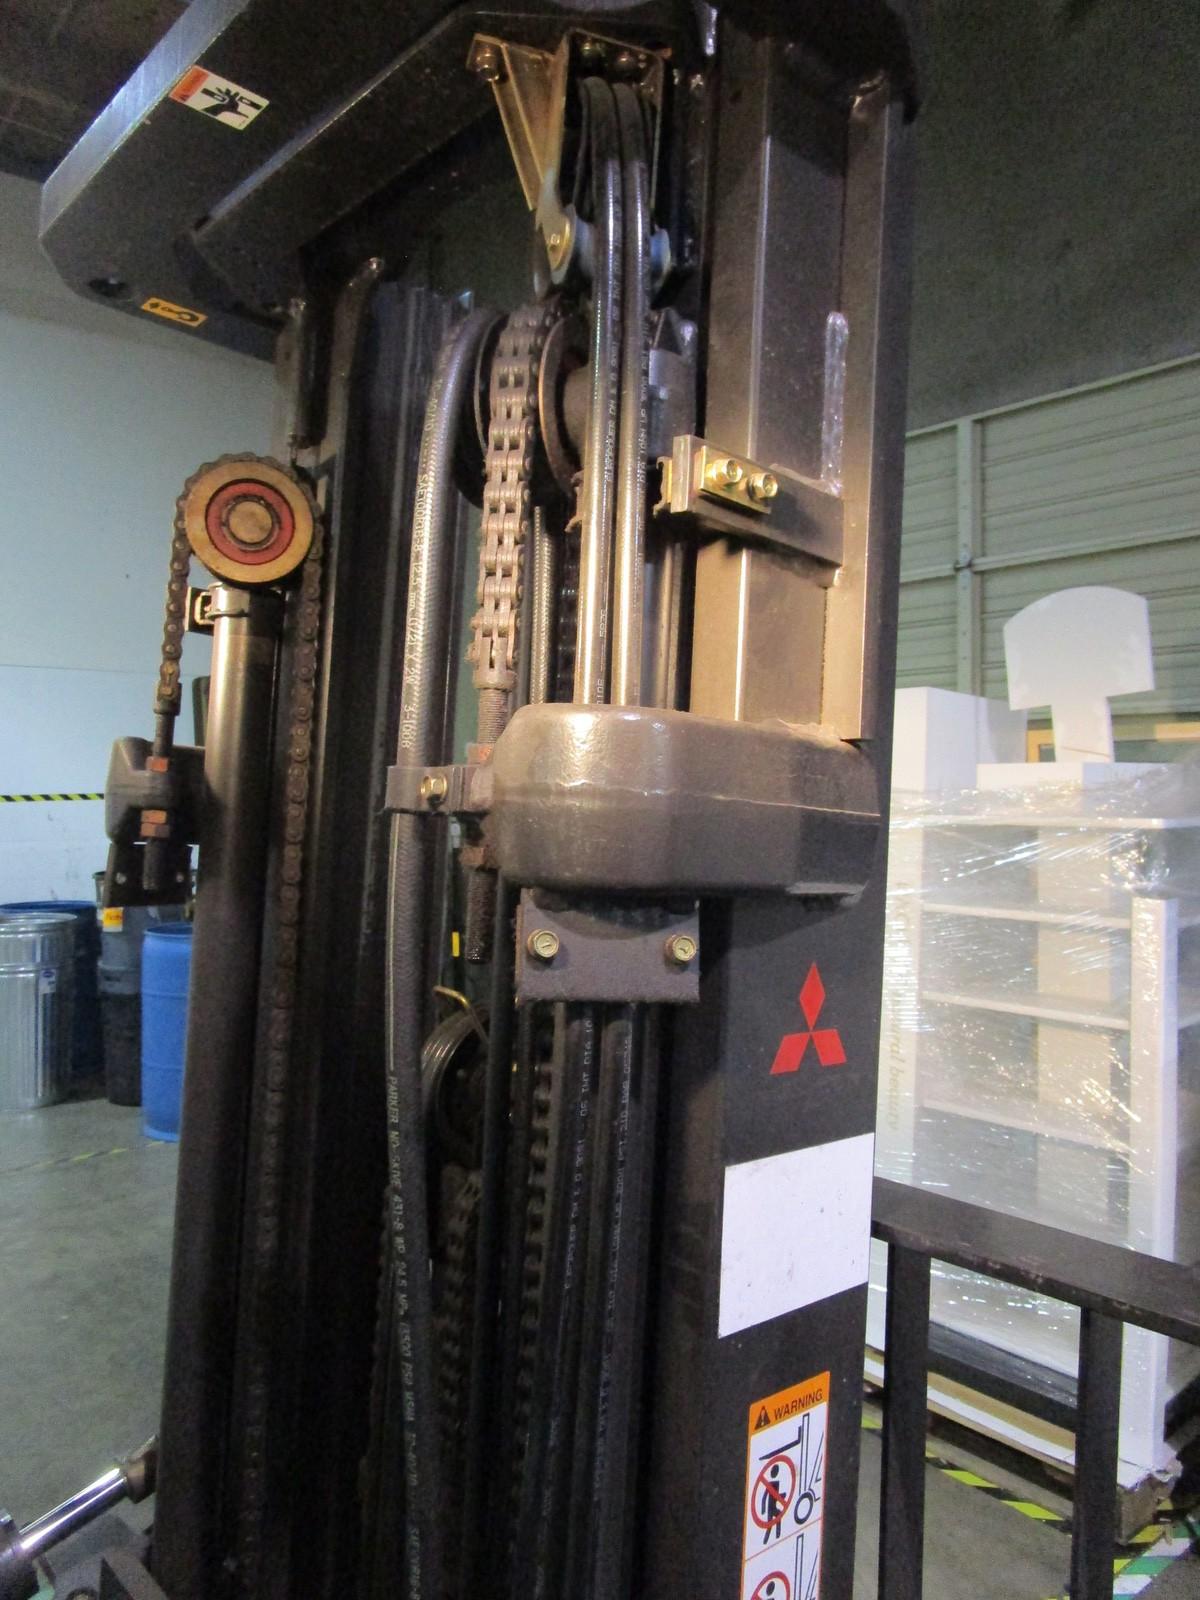 Mitsubishi FG25N LPG Forklift s/n AF17D03330 (Delivery - 4/3/20), 3175 Hours, 4,500# | Rig Fee: $100 - Image 6 of 7